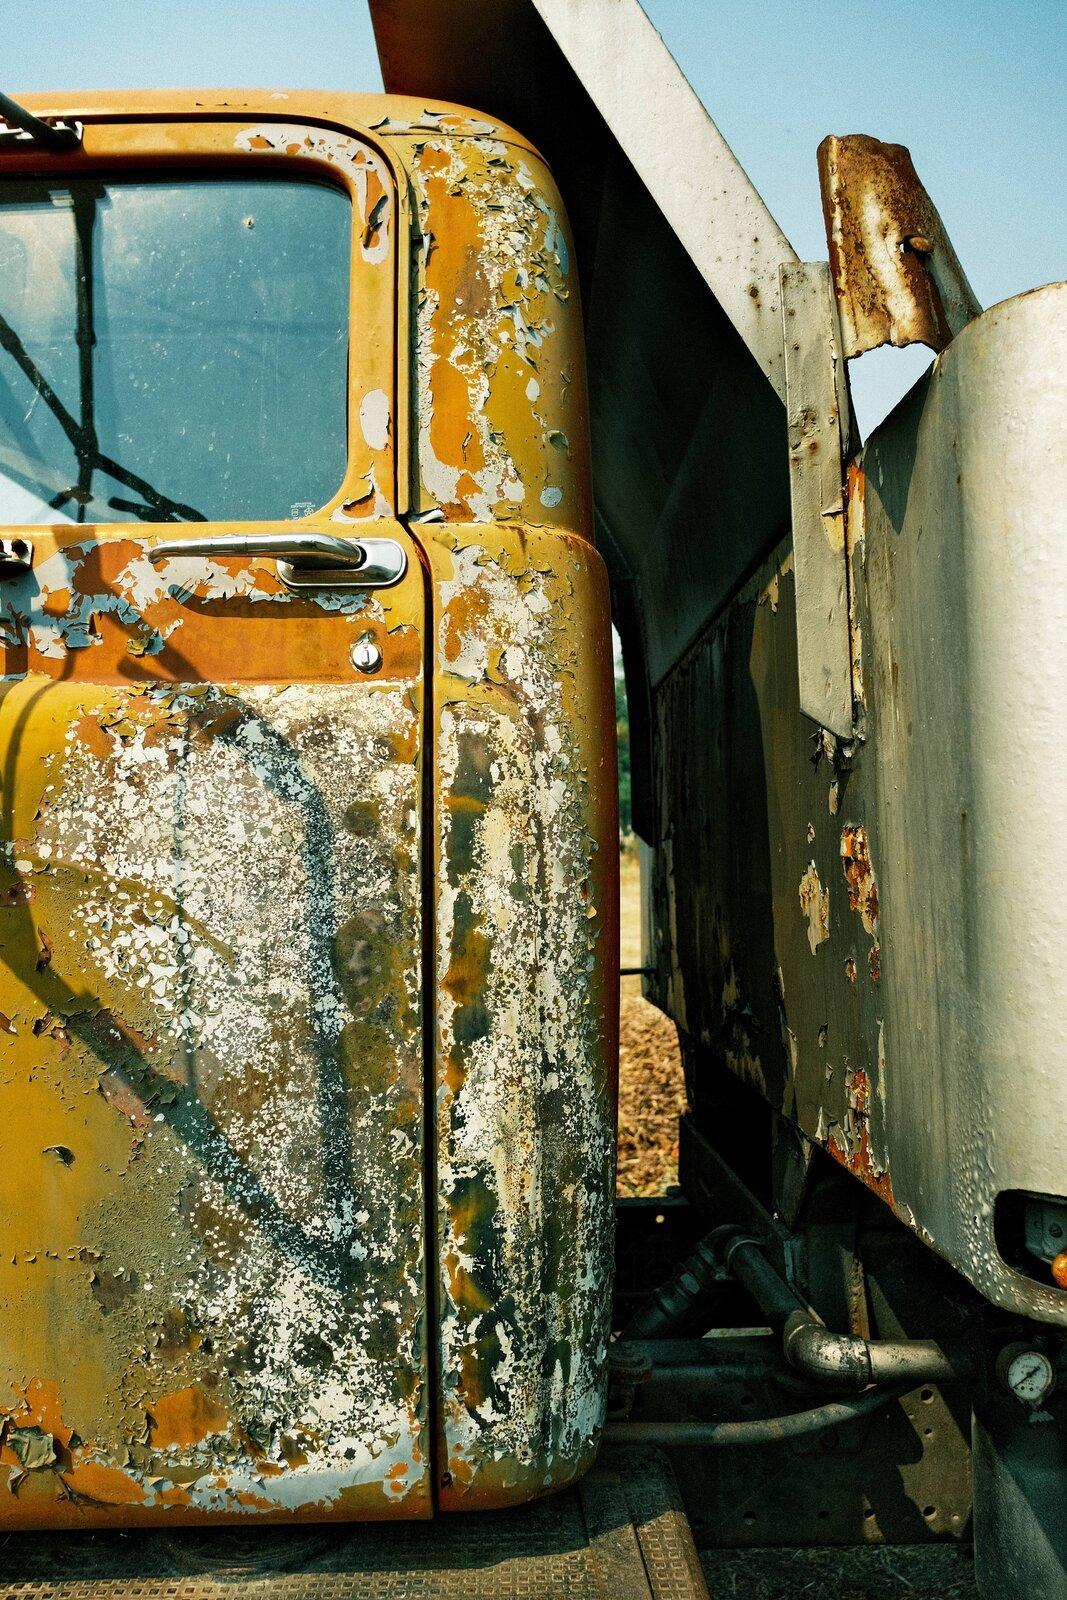 XPro3_Sept10_21_Dodge_truck_door.jpg